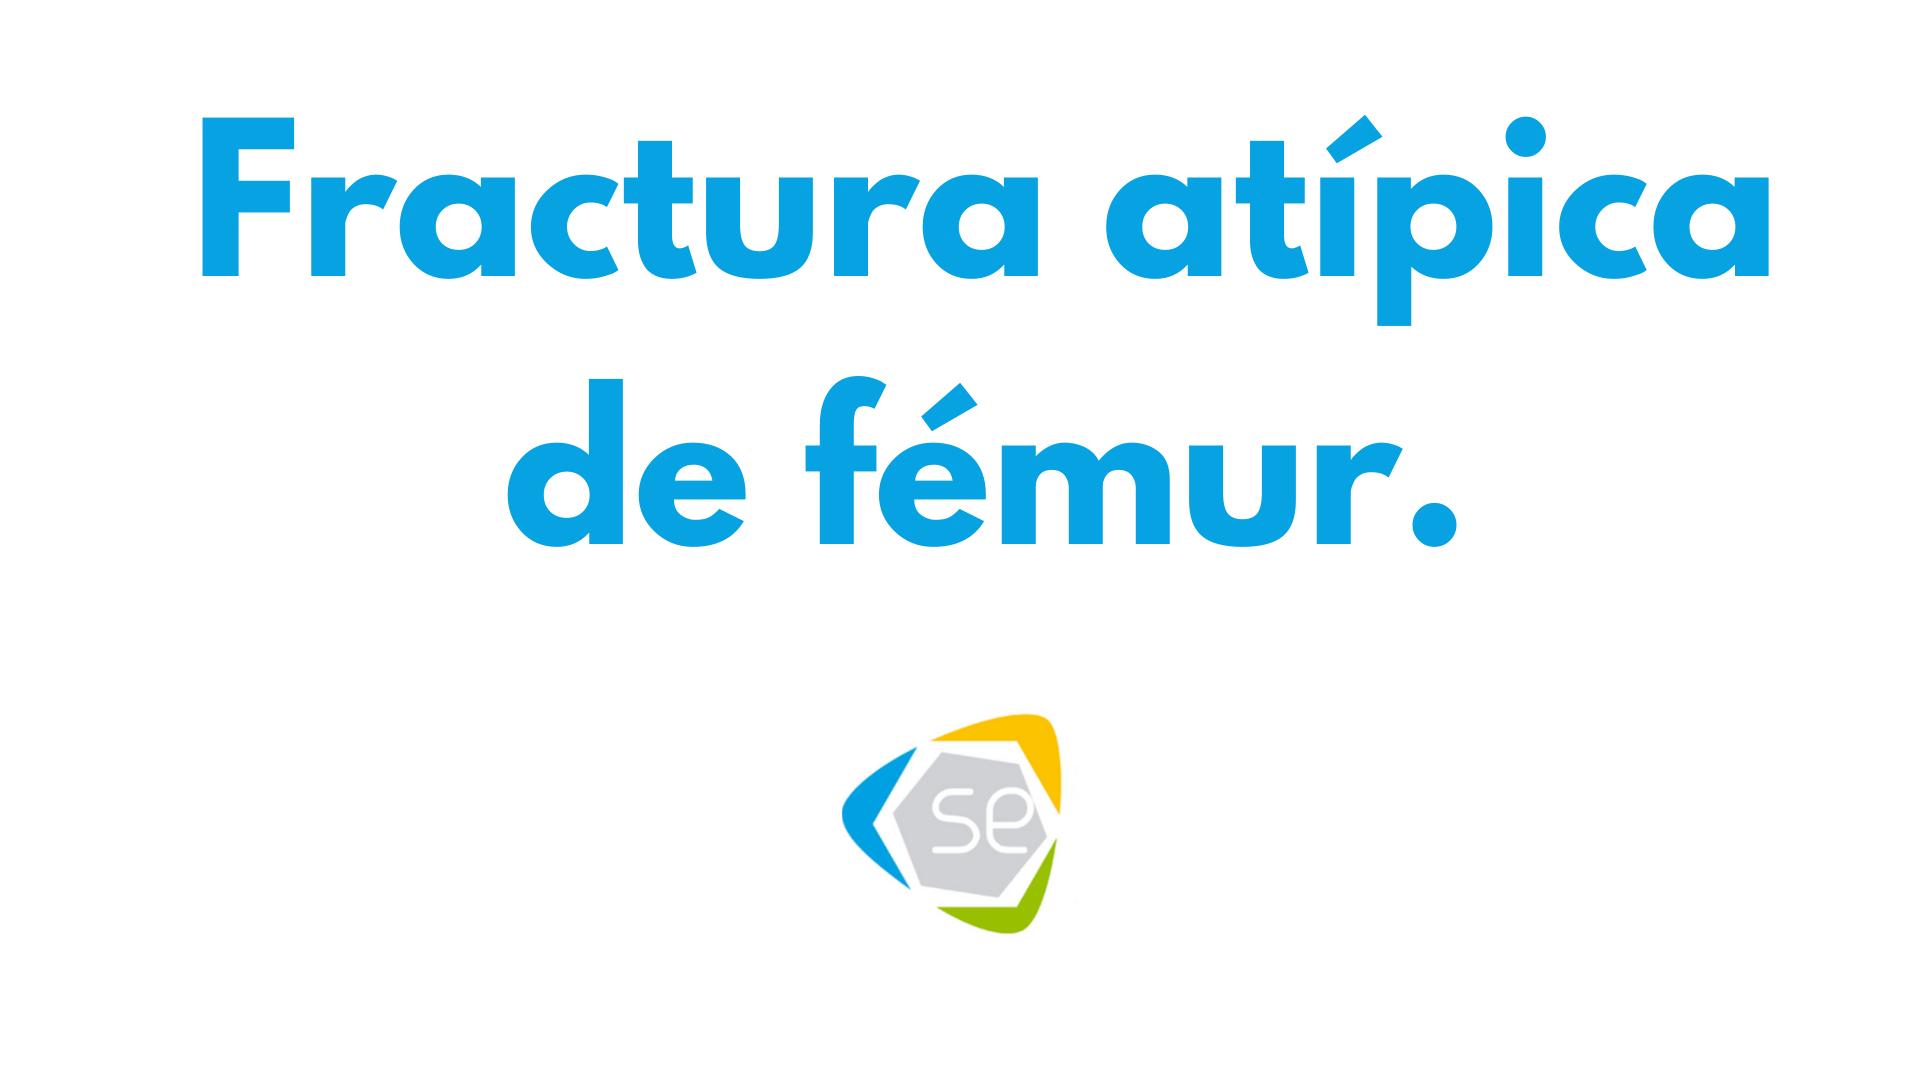 Fractura atípica de fémur. Ponente_ Adolfo Díez Pérez. Moderador_ José Antonio Riancho. Fecha_ 11_02_2021 (1)